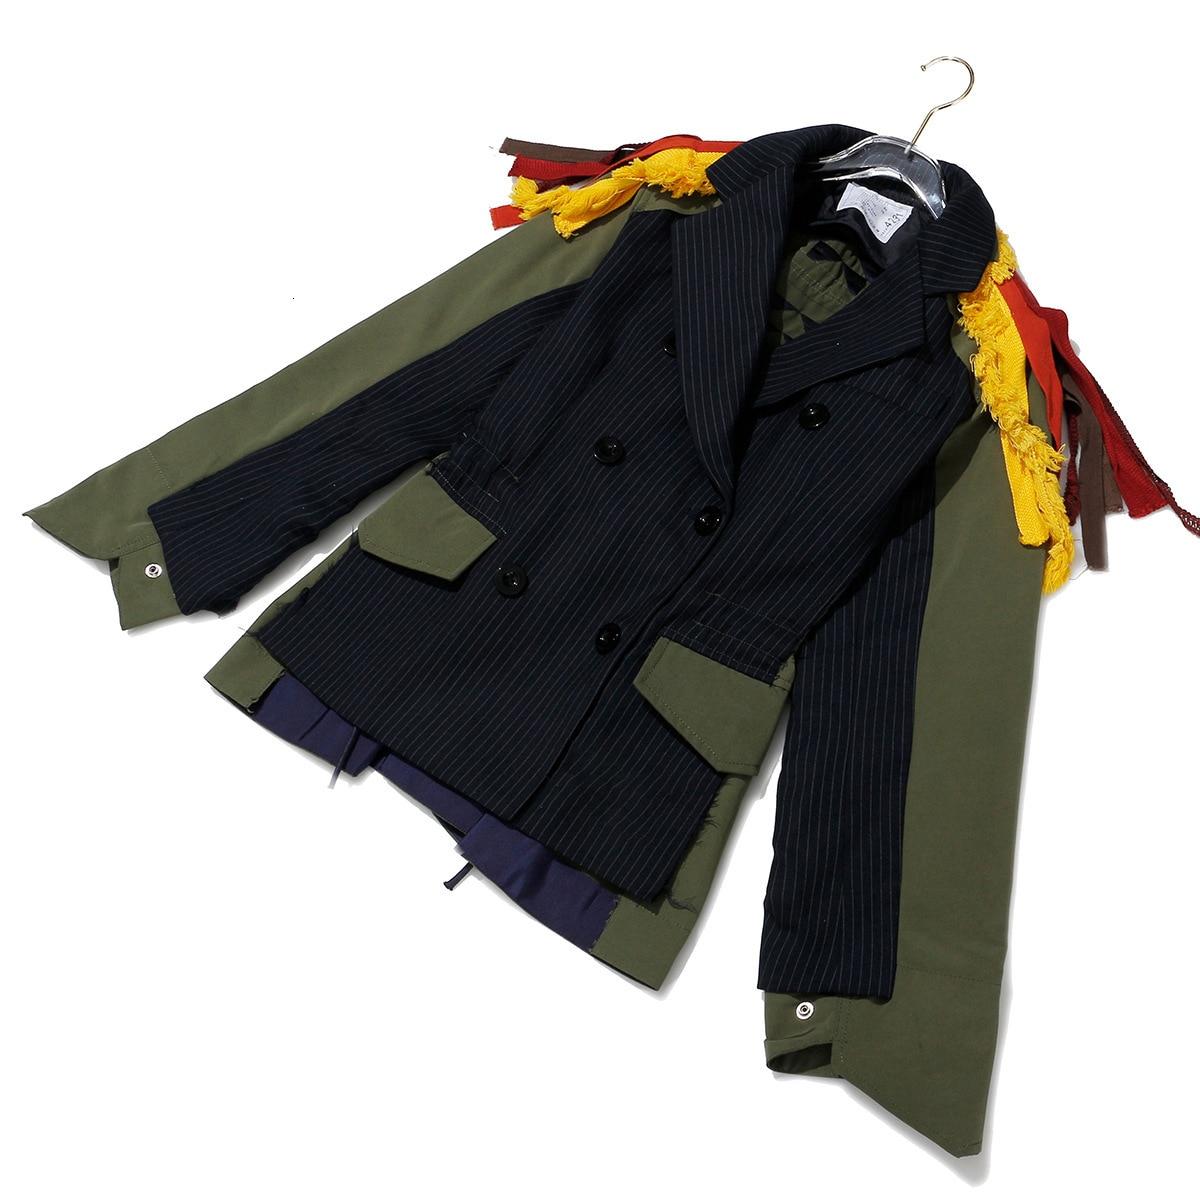 Womengaga 2019 outono e witner nova moda curto jaqueta feminina borlas divisão conjunta coloração grupo combinar bordado dg108 - 2